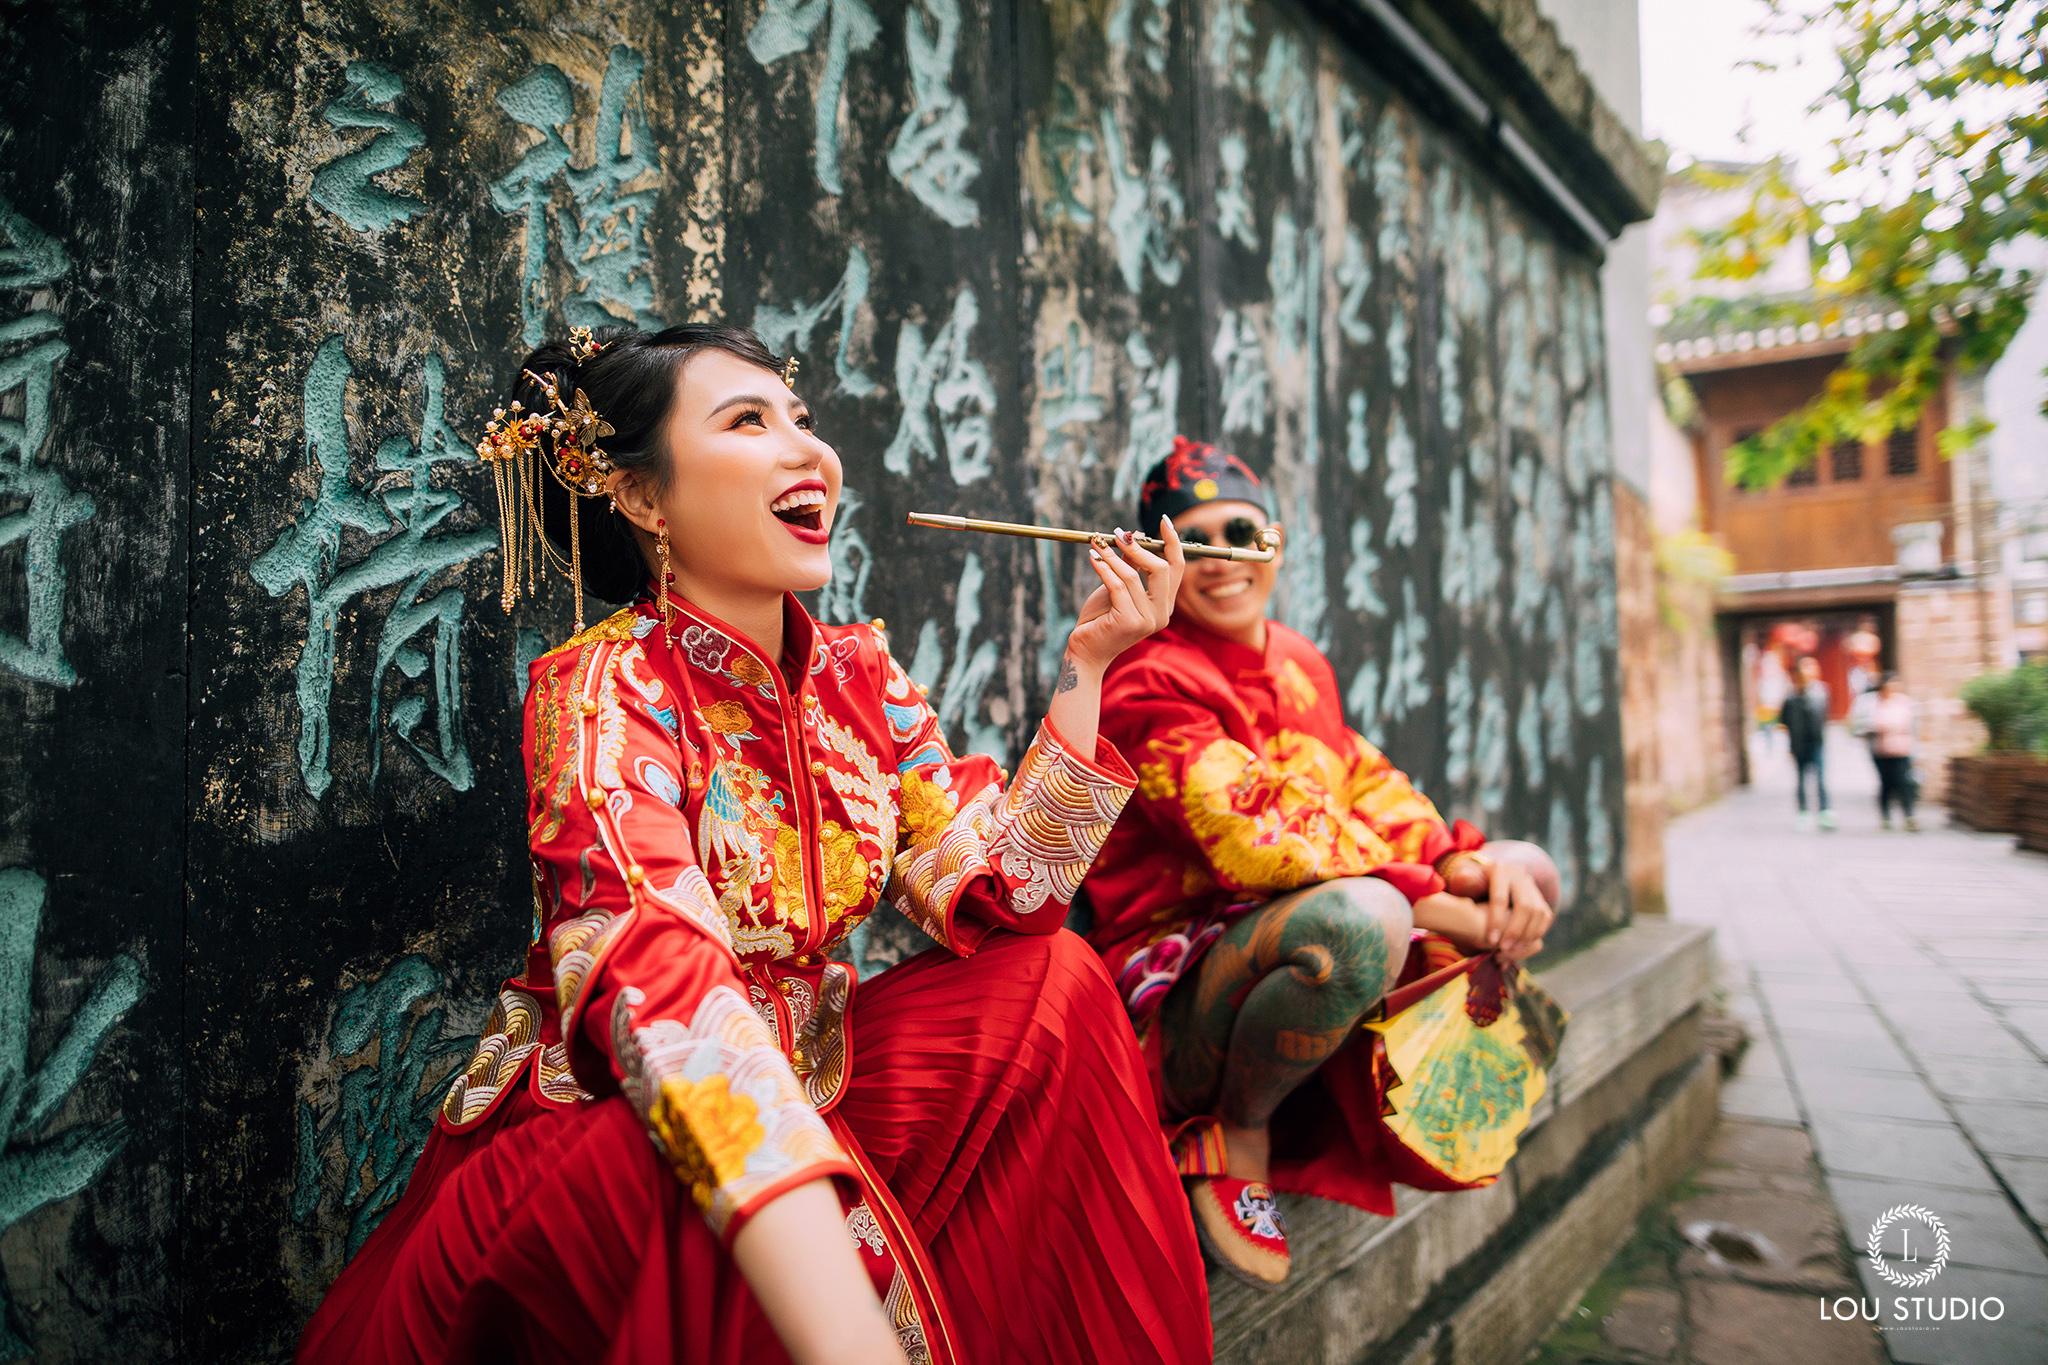 xu hướng chụp ảnh cưới đẹp năm 2019